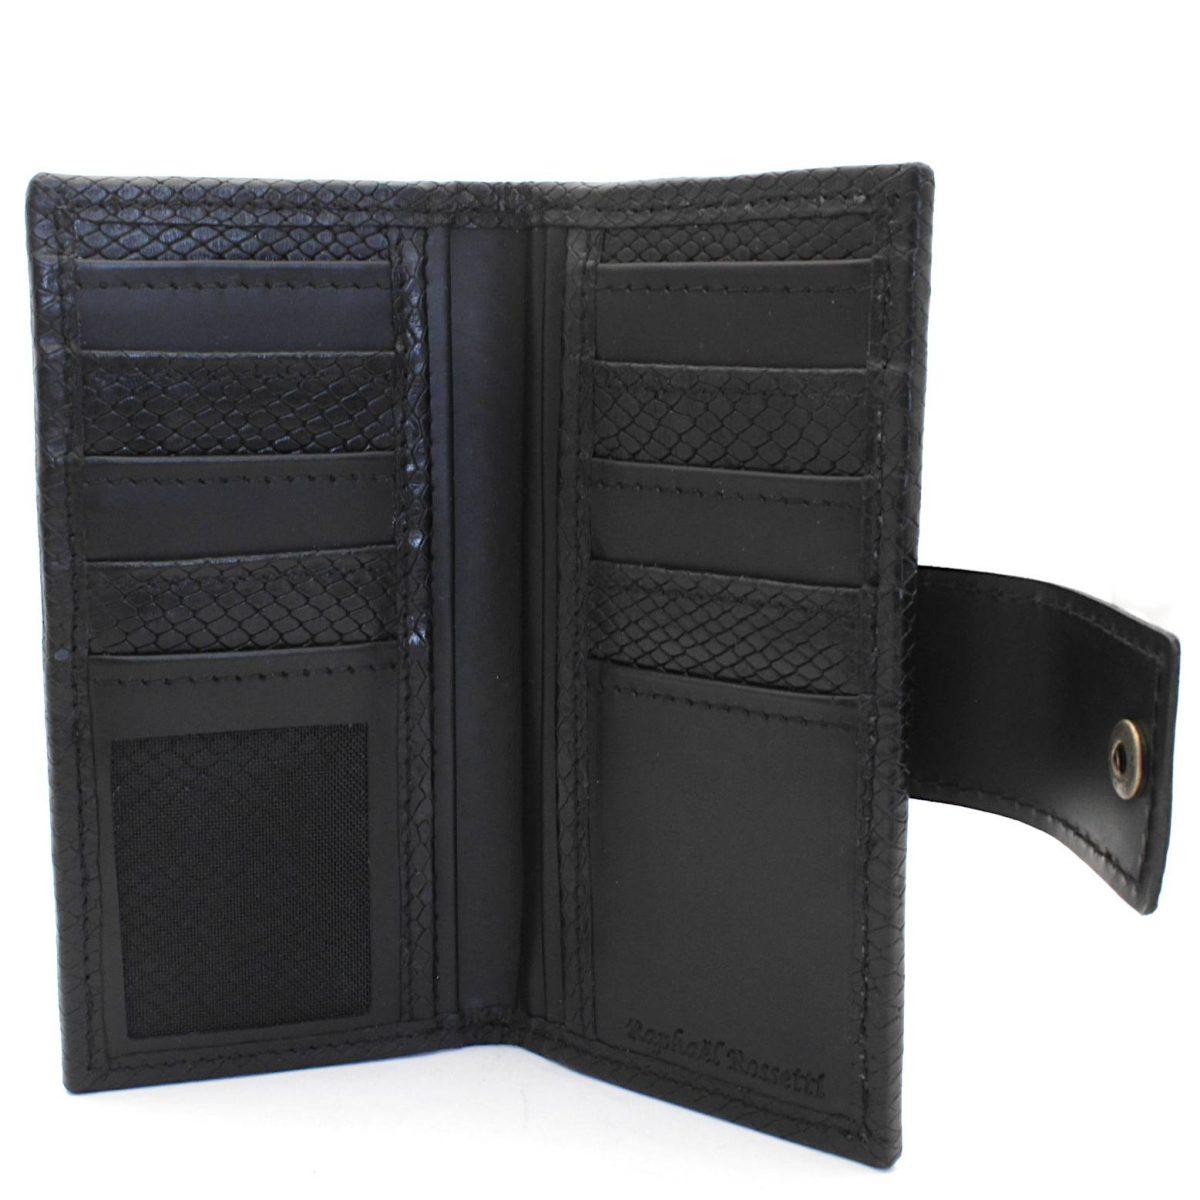 мъжки кожен портфейл с външен монетник - вътре